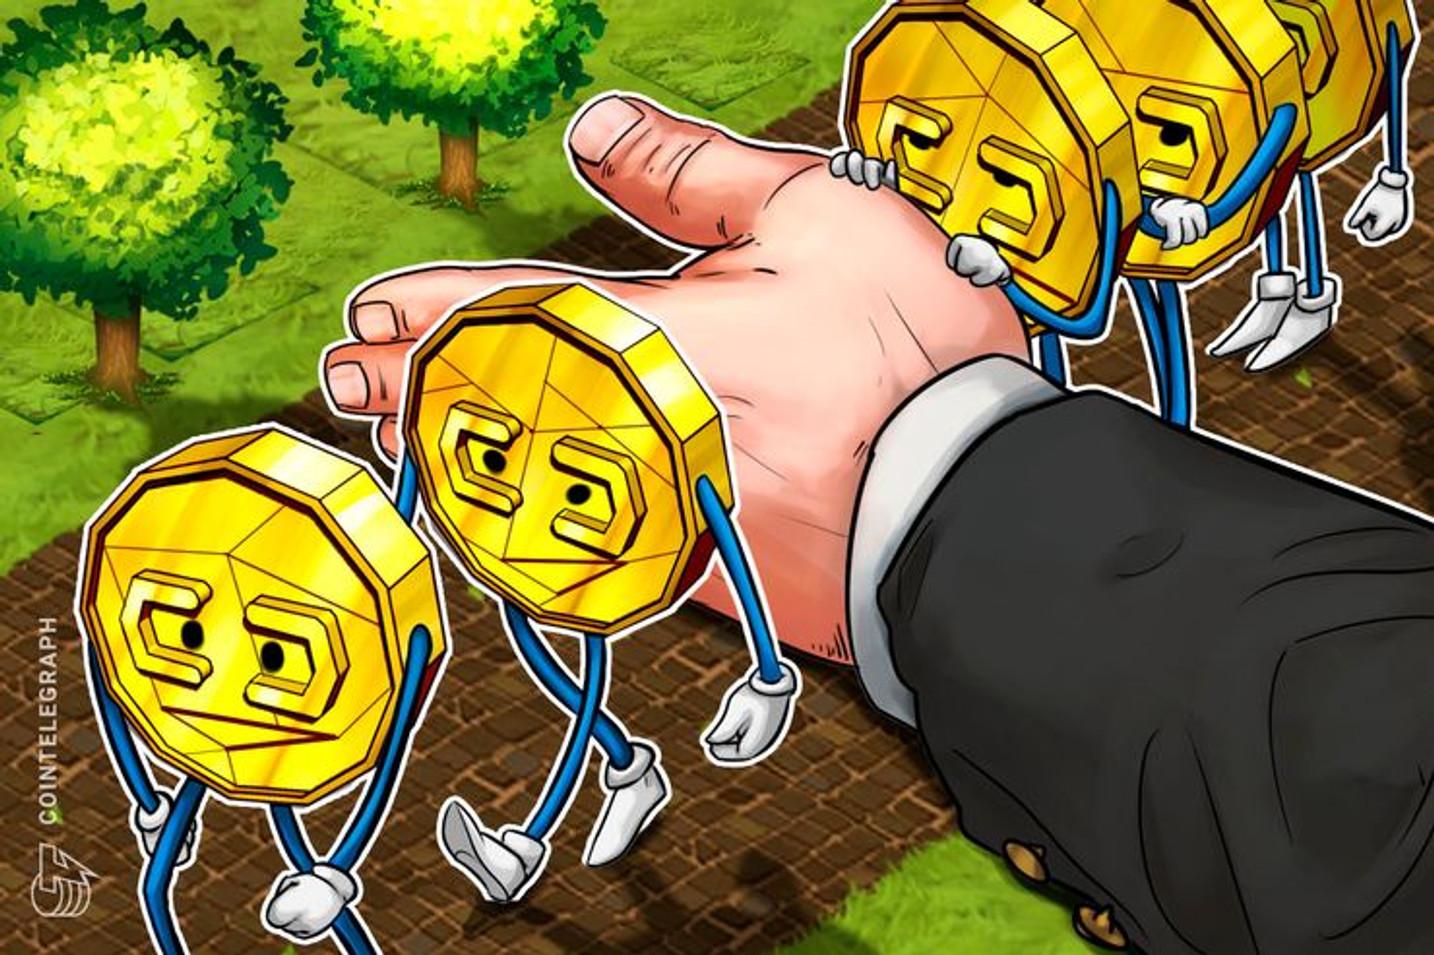 Caixa Econômica Federal fecha conta da Bitcambio sem aviso prévio e prejudica clientes